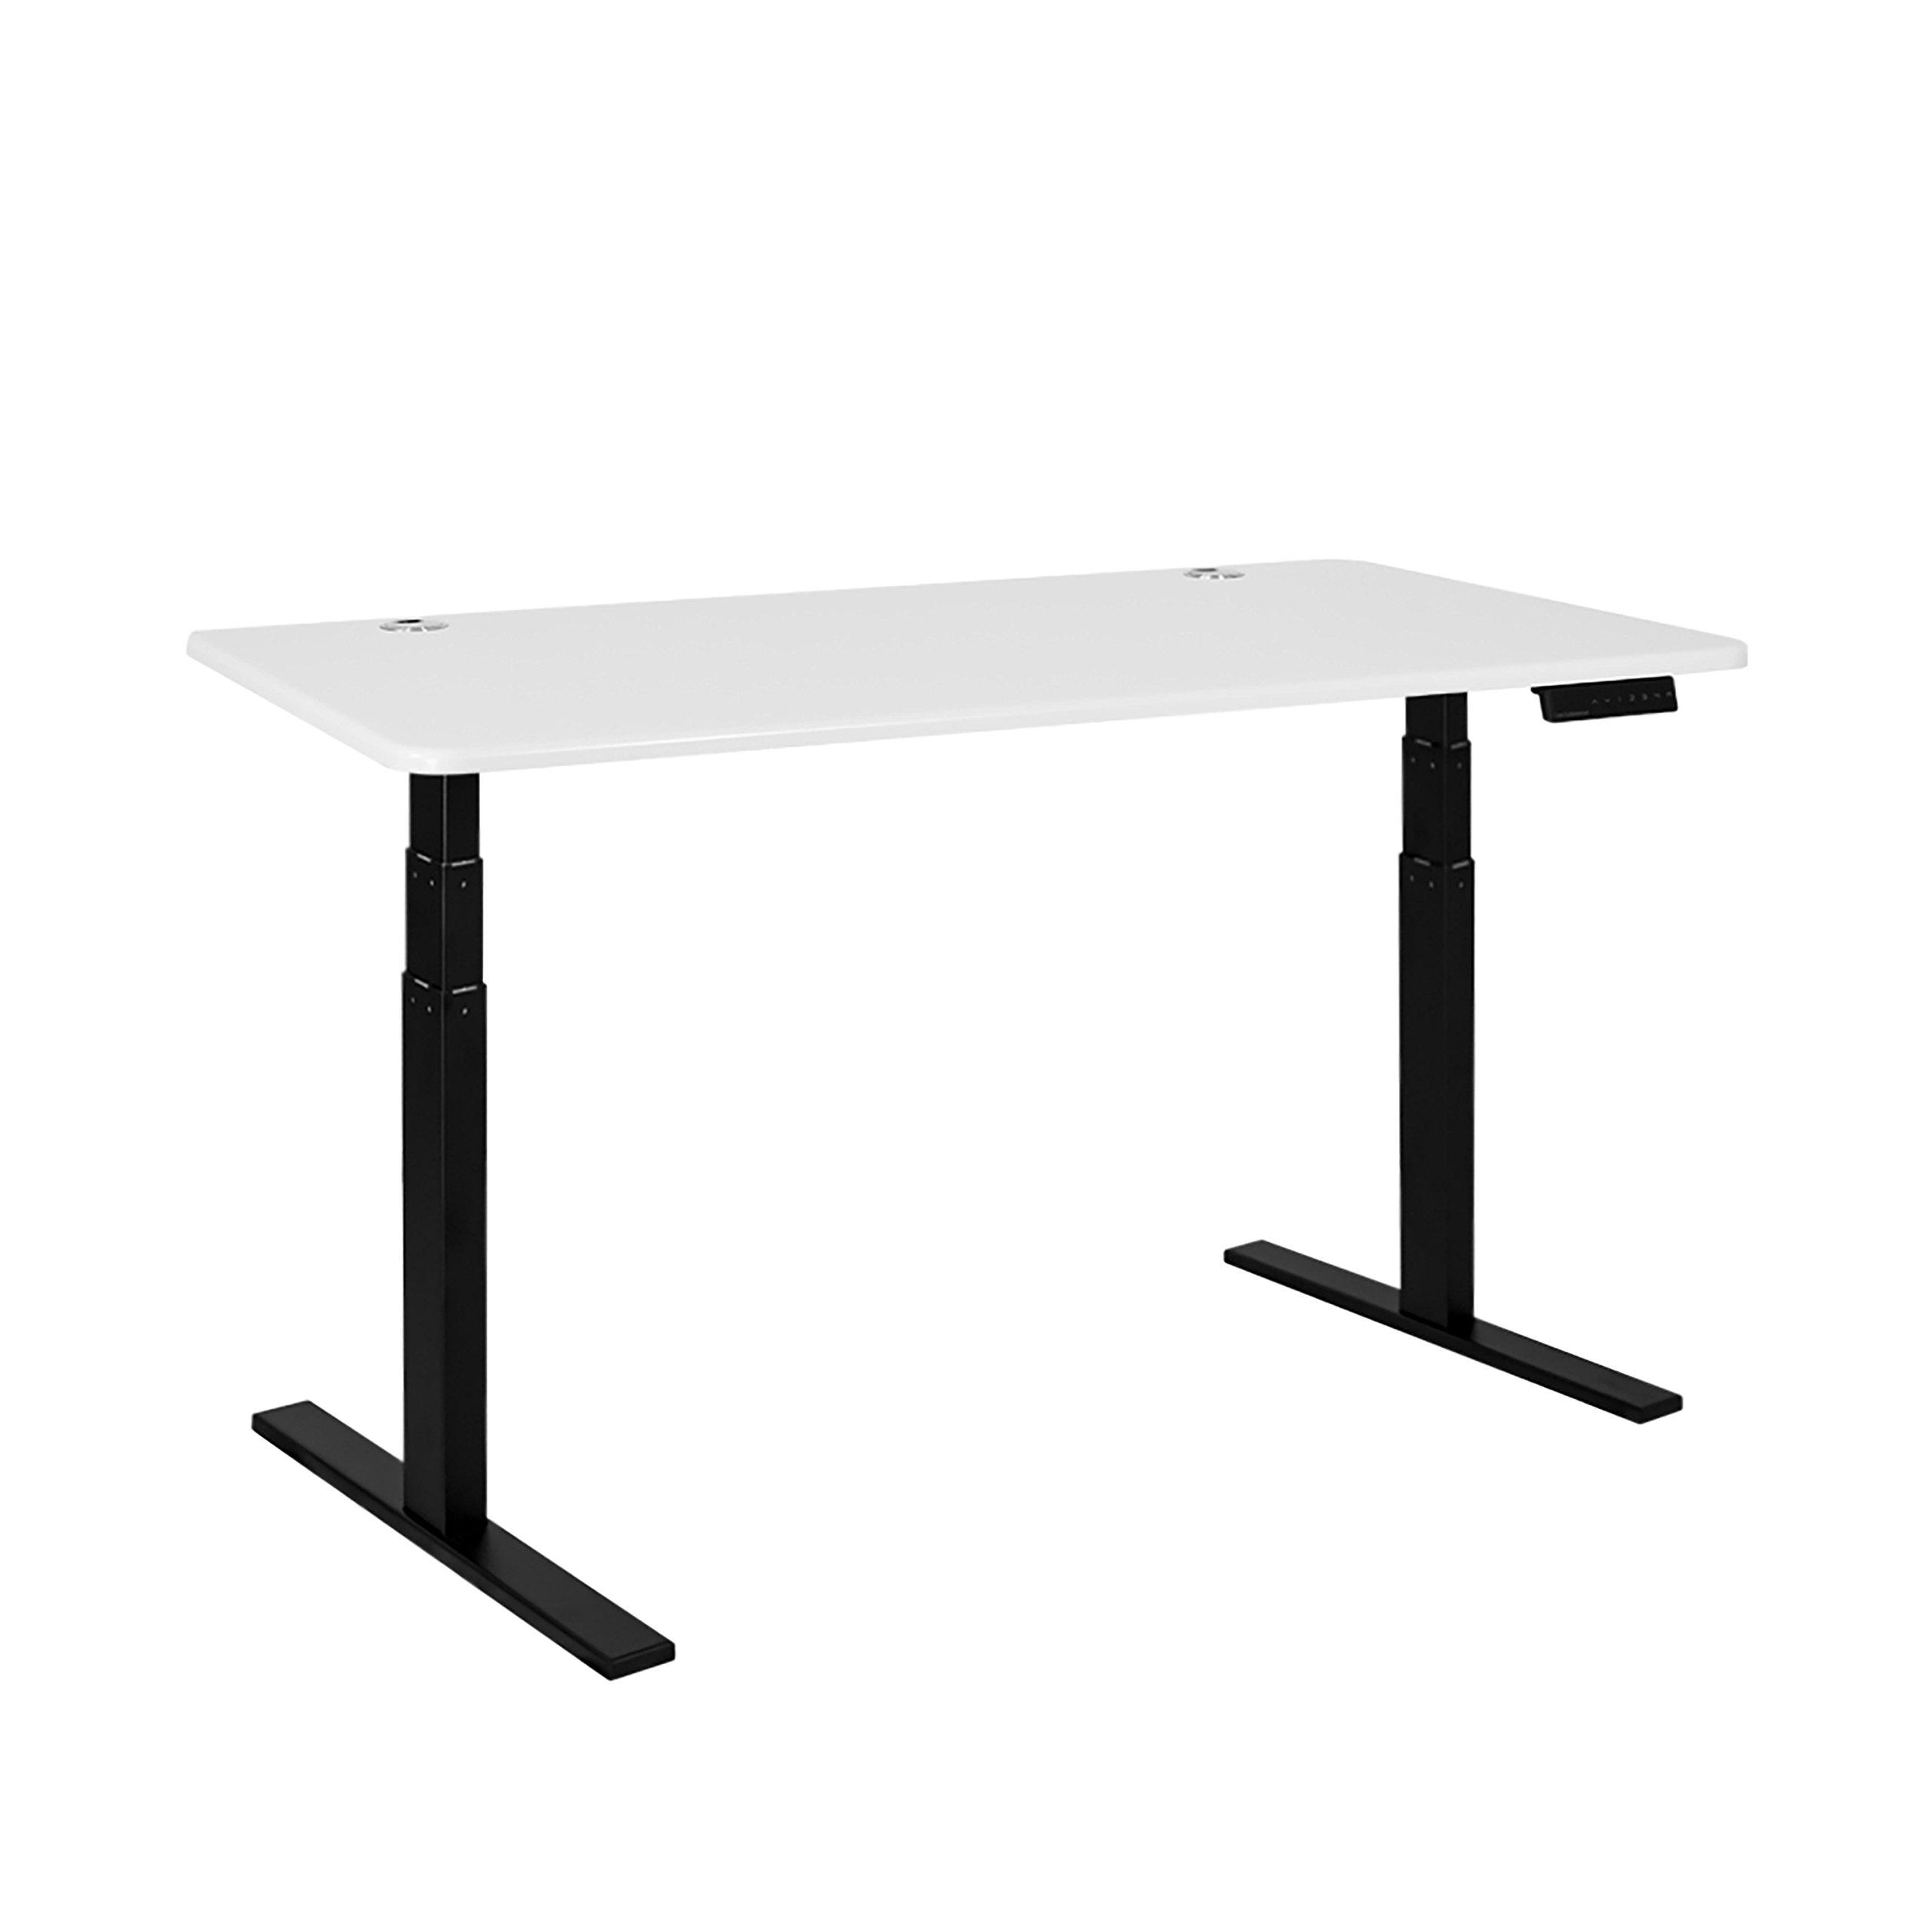 Autonomous A2-A12 Height-Adjustable Standing Desk with White Classic Top by Autonomous